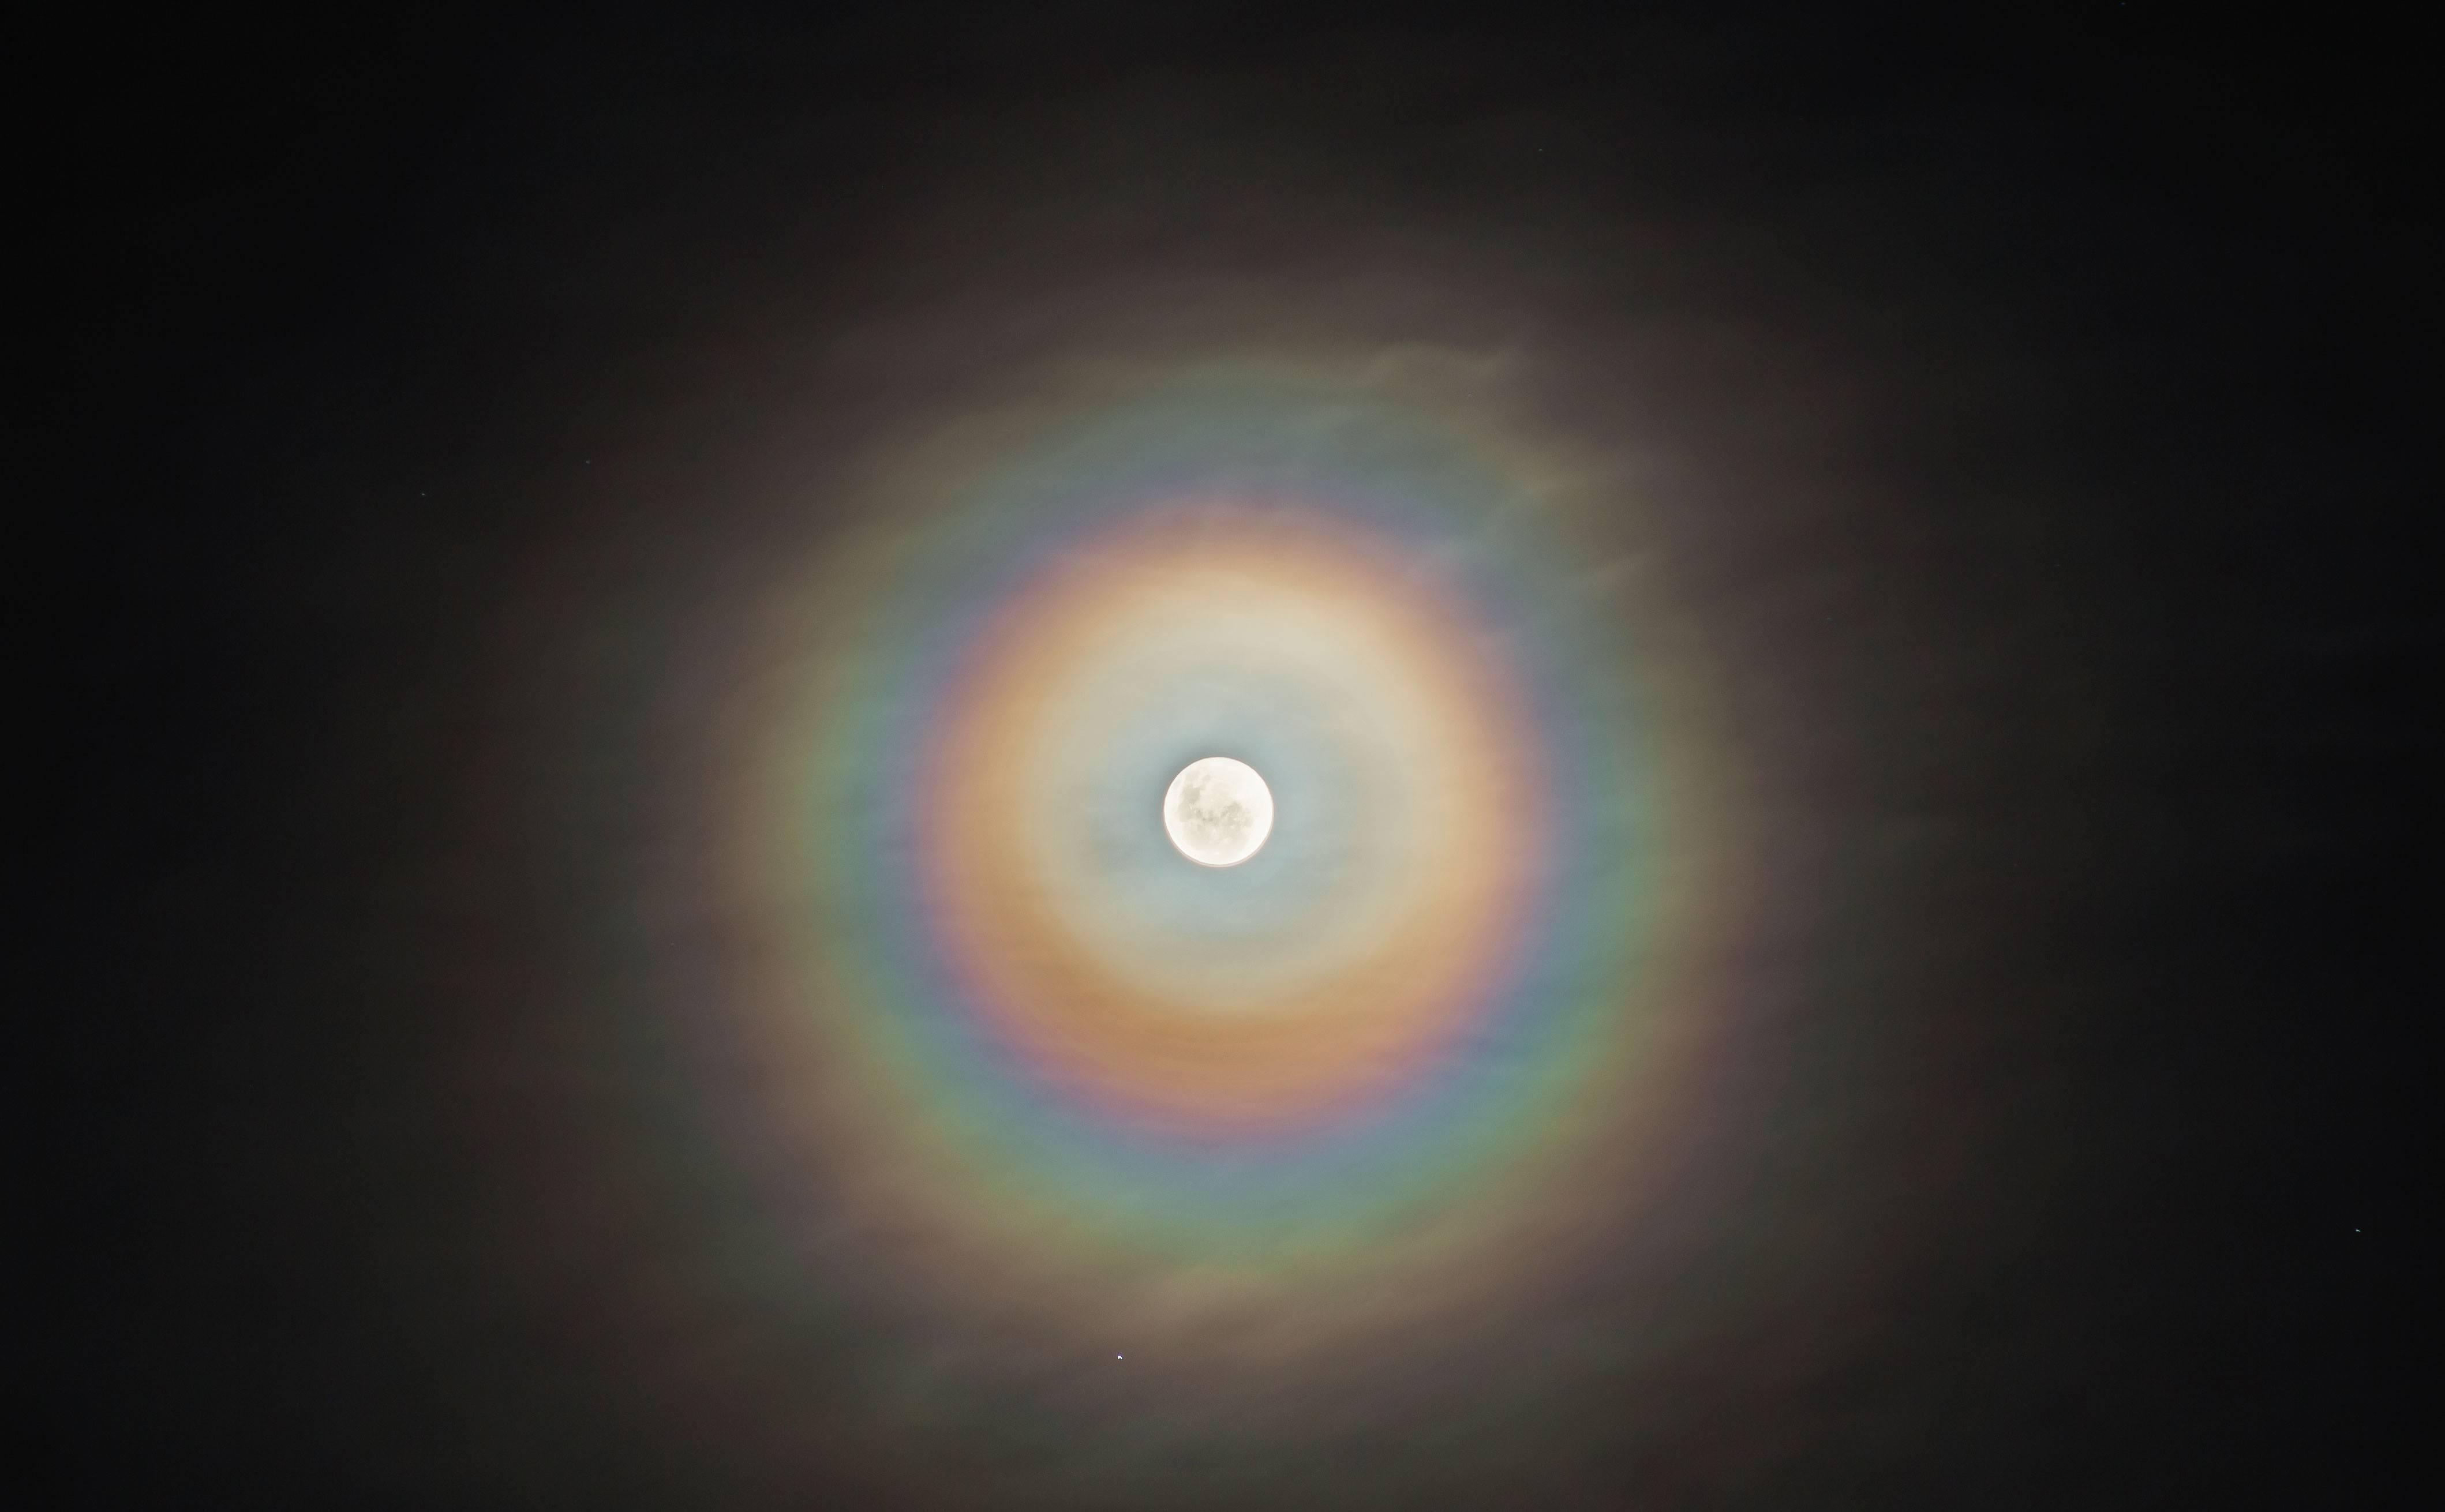 Прозрачные круги перед глазами что это. радужные круги перед глазами как симптом офтальмологического заболевания цветная радуга в глазах